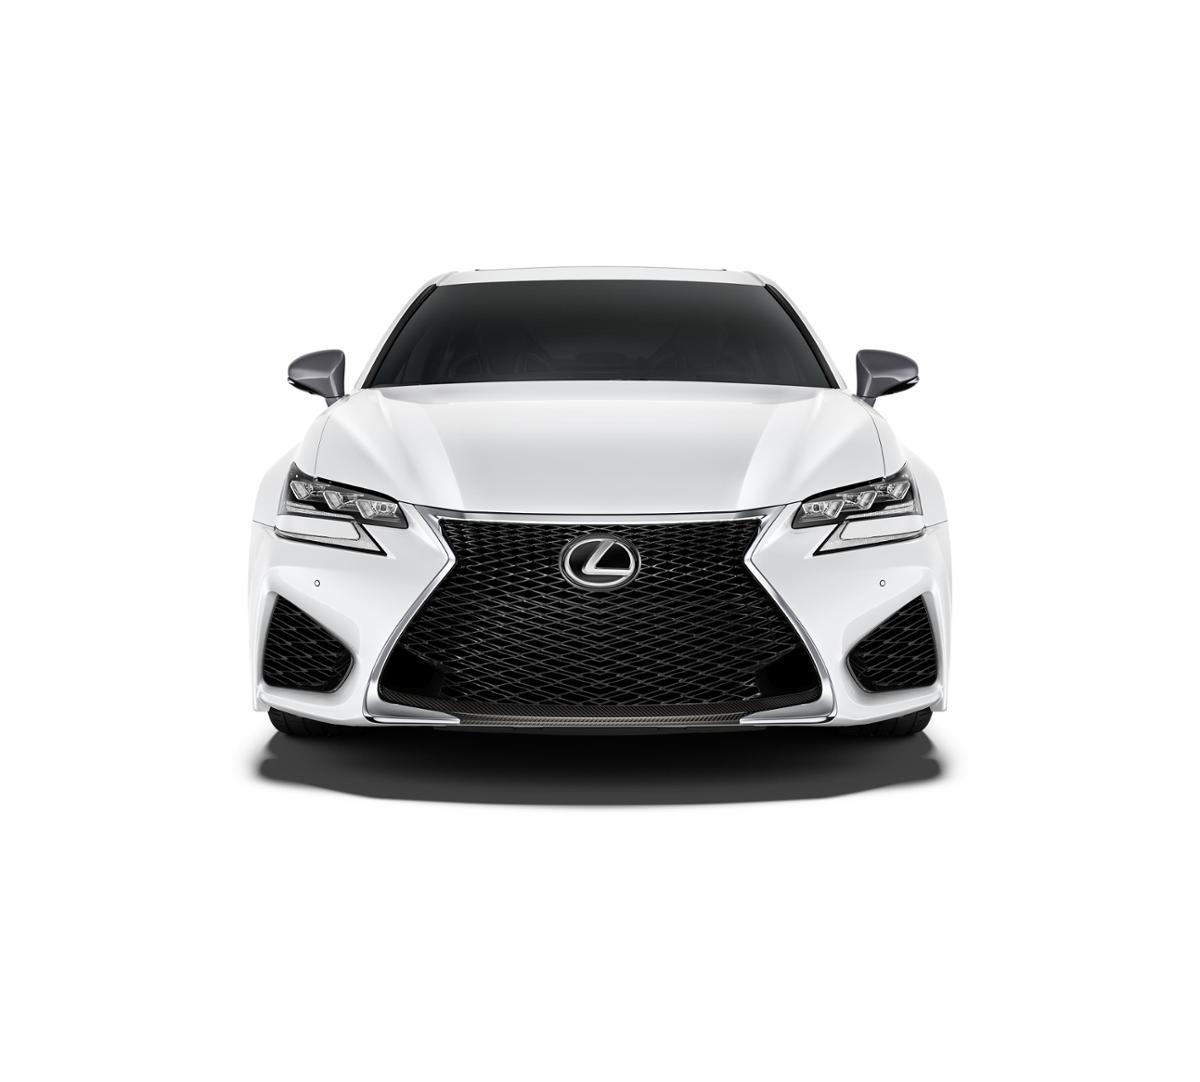 Lexus Gs Lease: New Ultra White 2019 Lexus GS F In Clearwater, FL